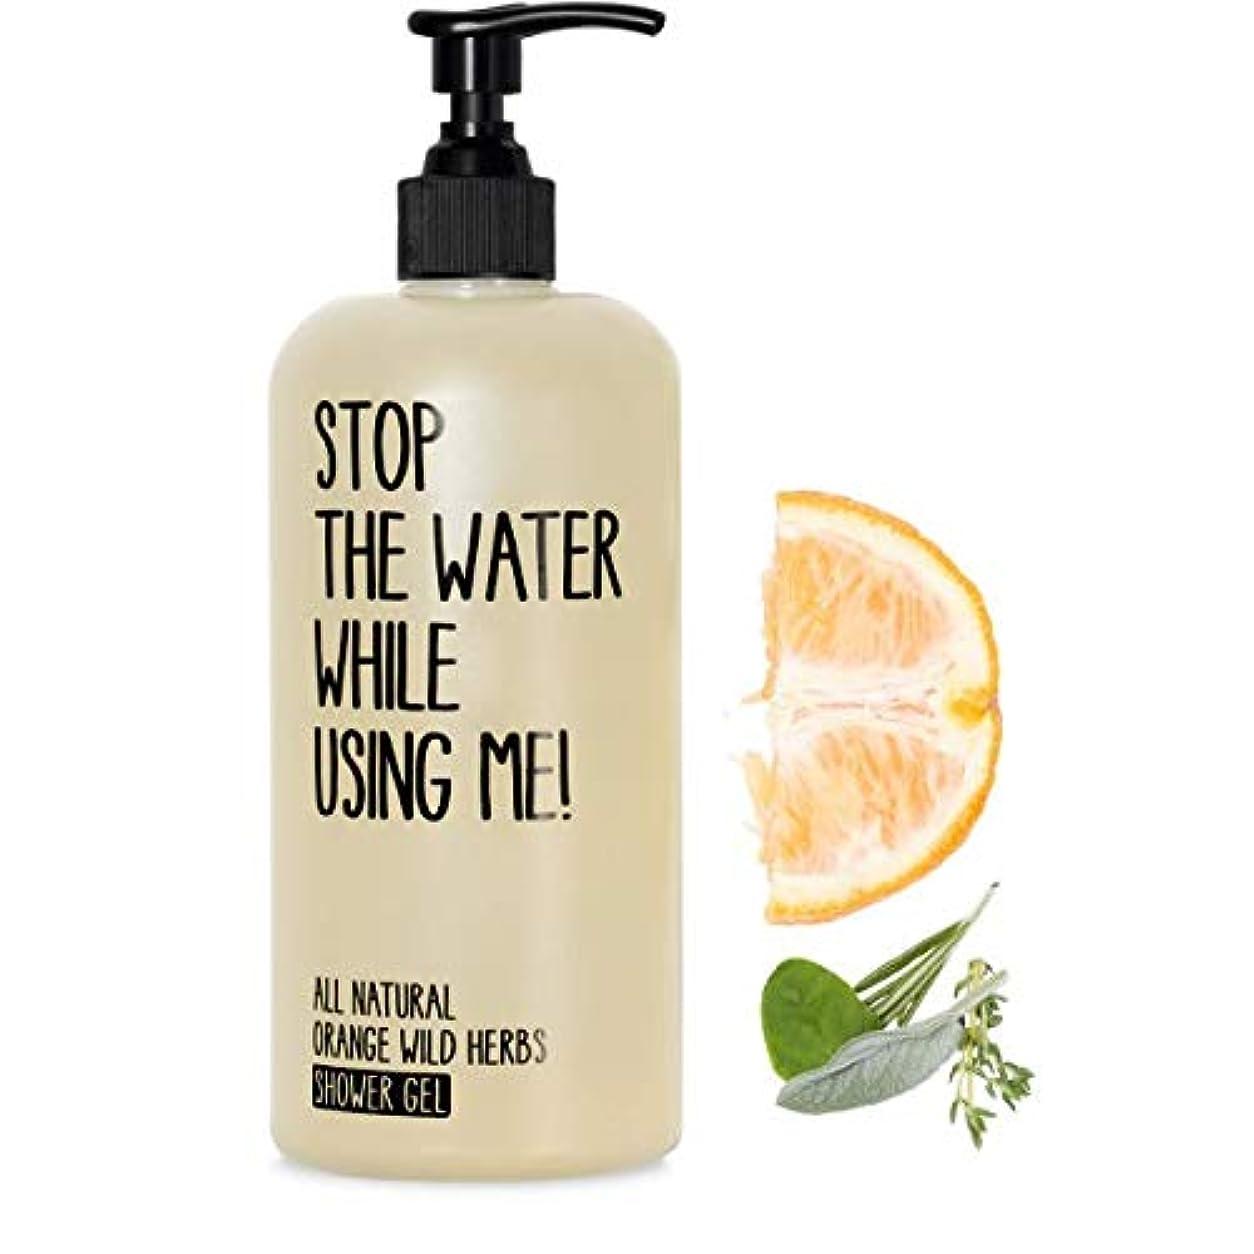 溶岩意味する抹消【STOP THE WATER WHILE USING ME!】 O&WHシャワージェル(オレンジ&ワイルドハーブ) 200ml